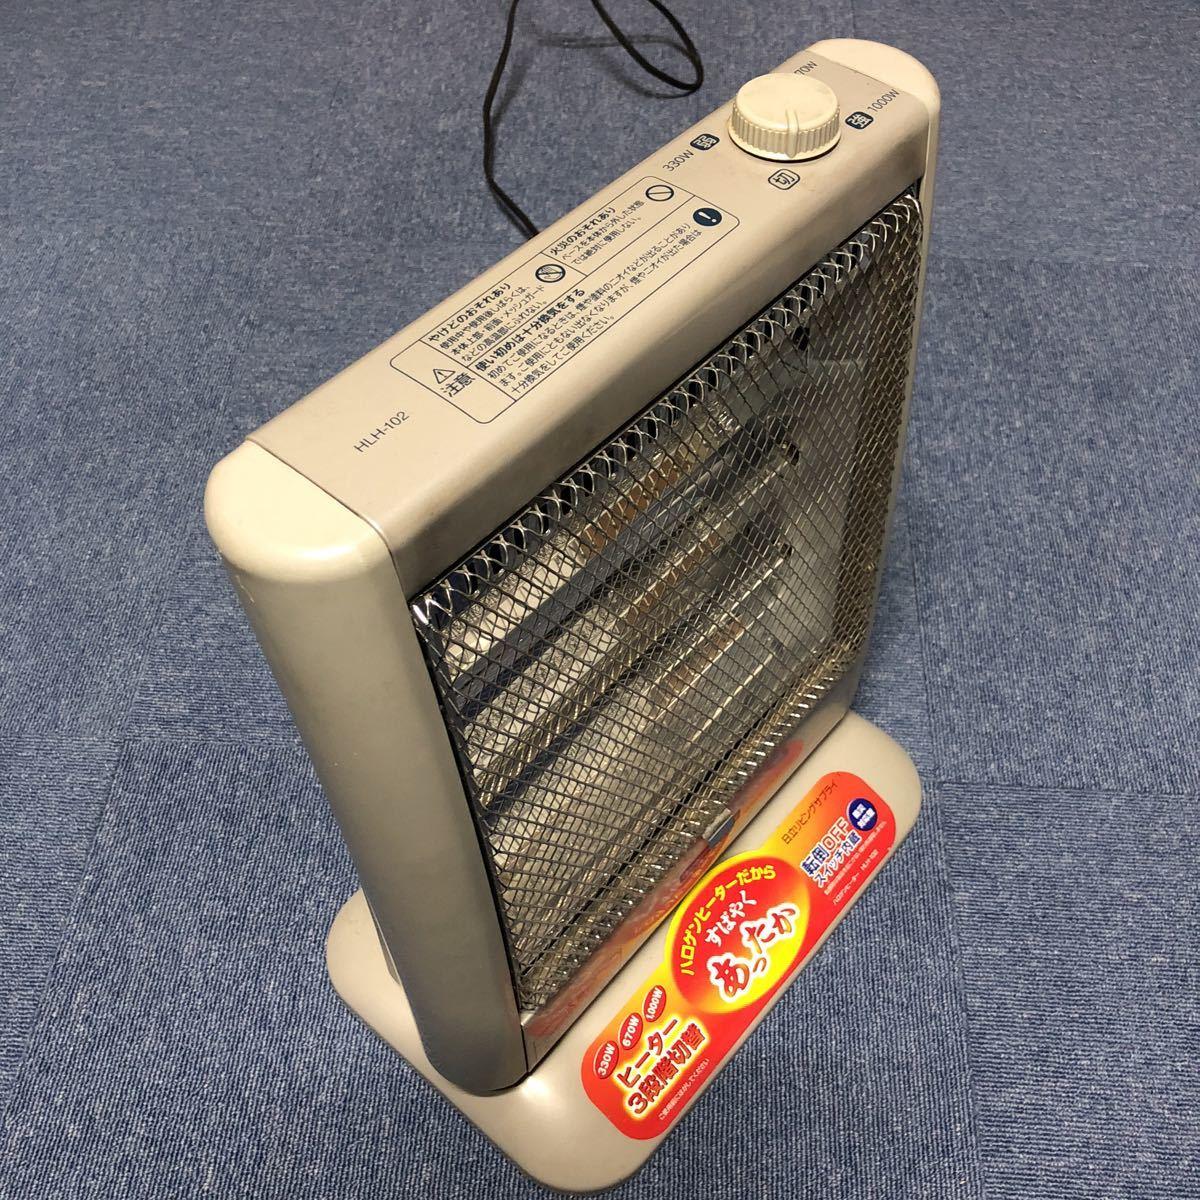 日立リビングサプライ ハロゲンヒーター 2010年式 HLH-102 3段階調節 暖房器具 動作品_画像8